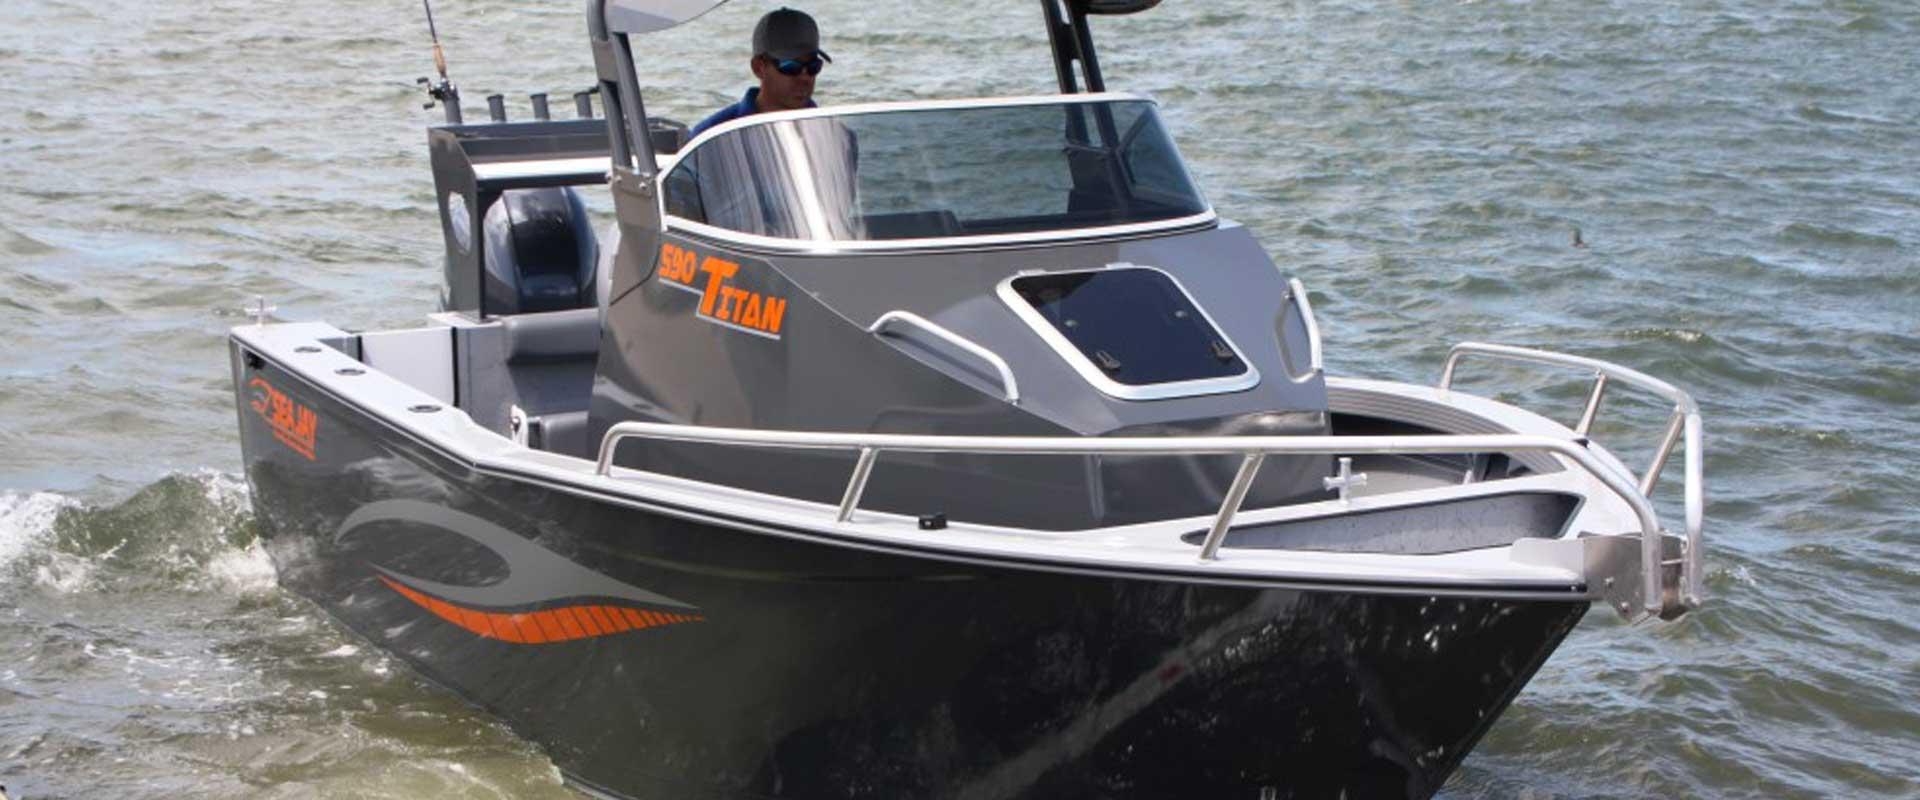 Sea Jay Titan